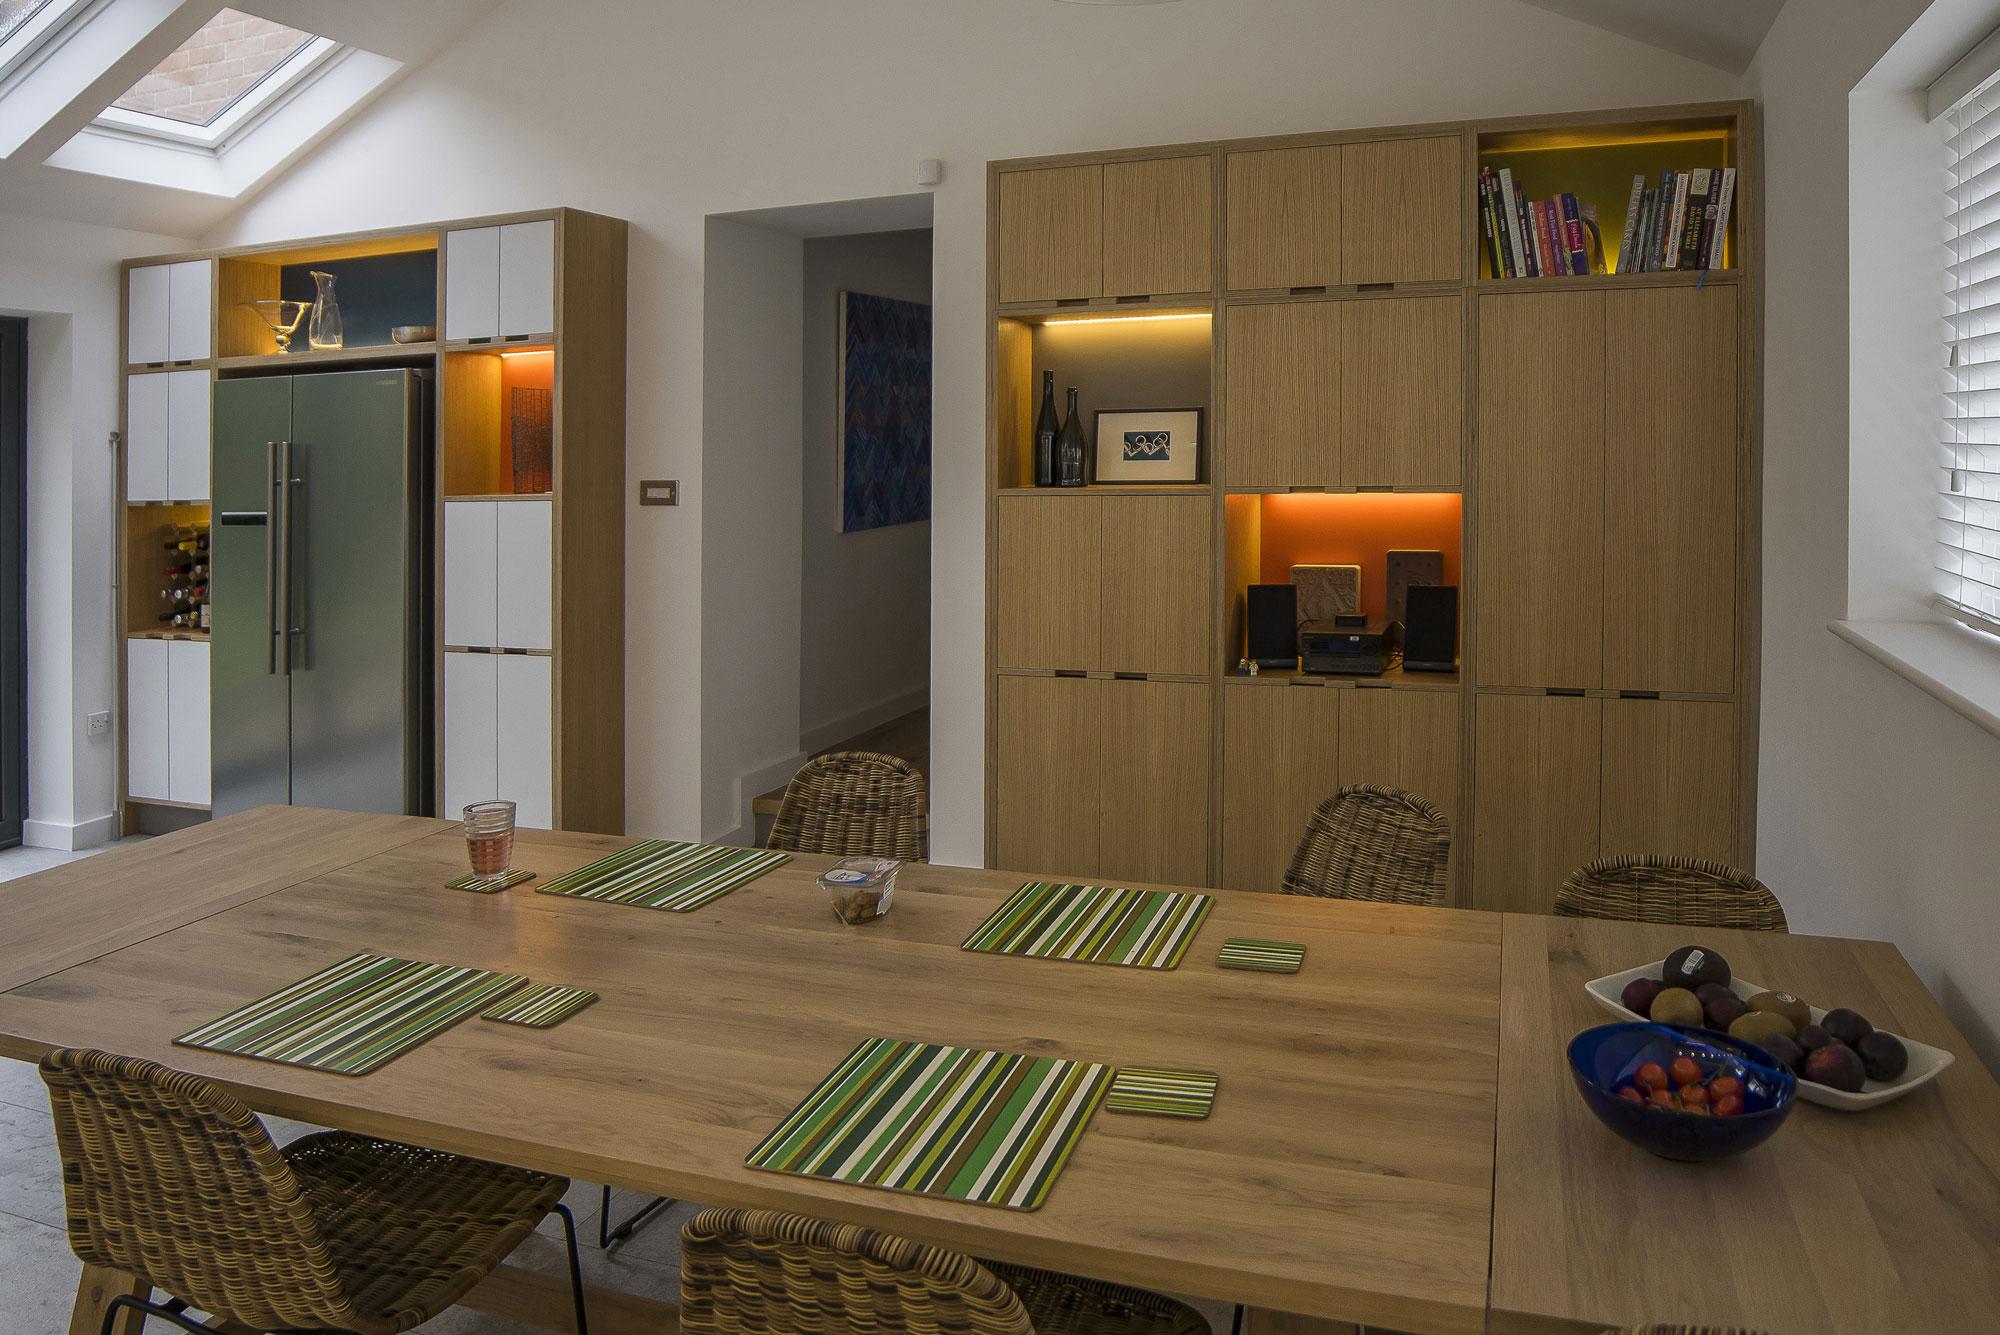 oak veneered kitchen dining table